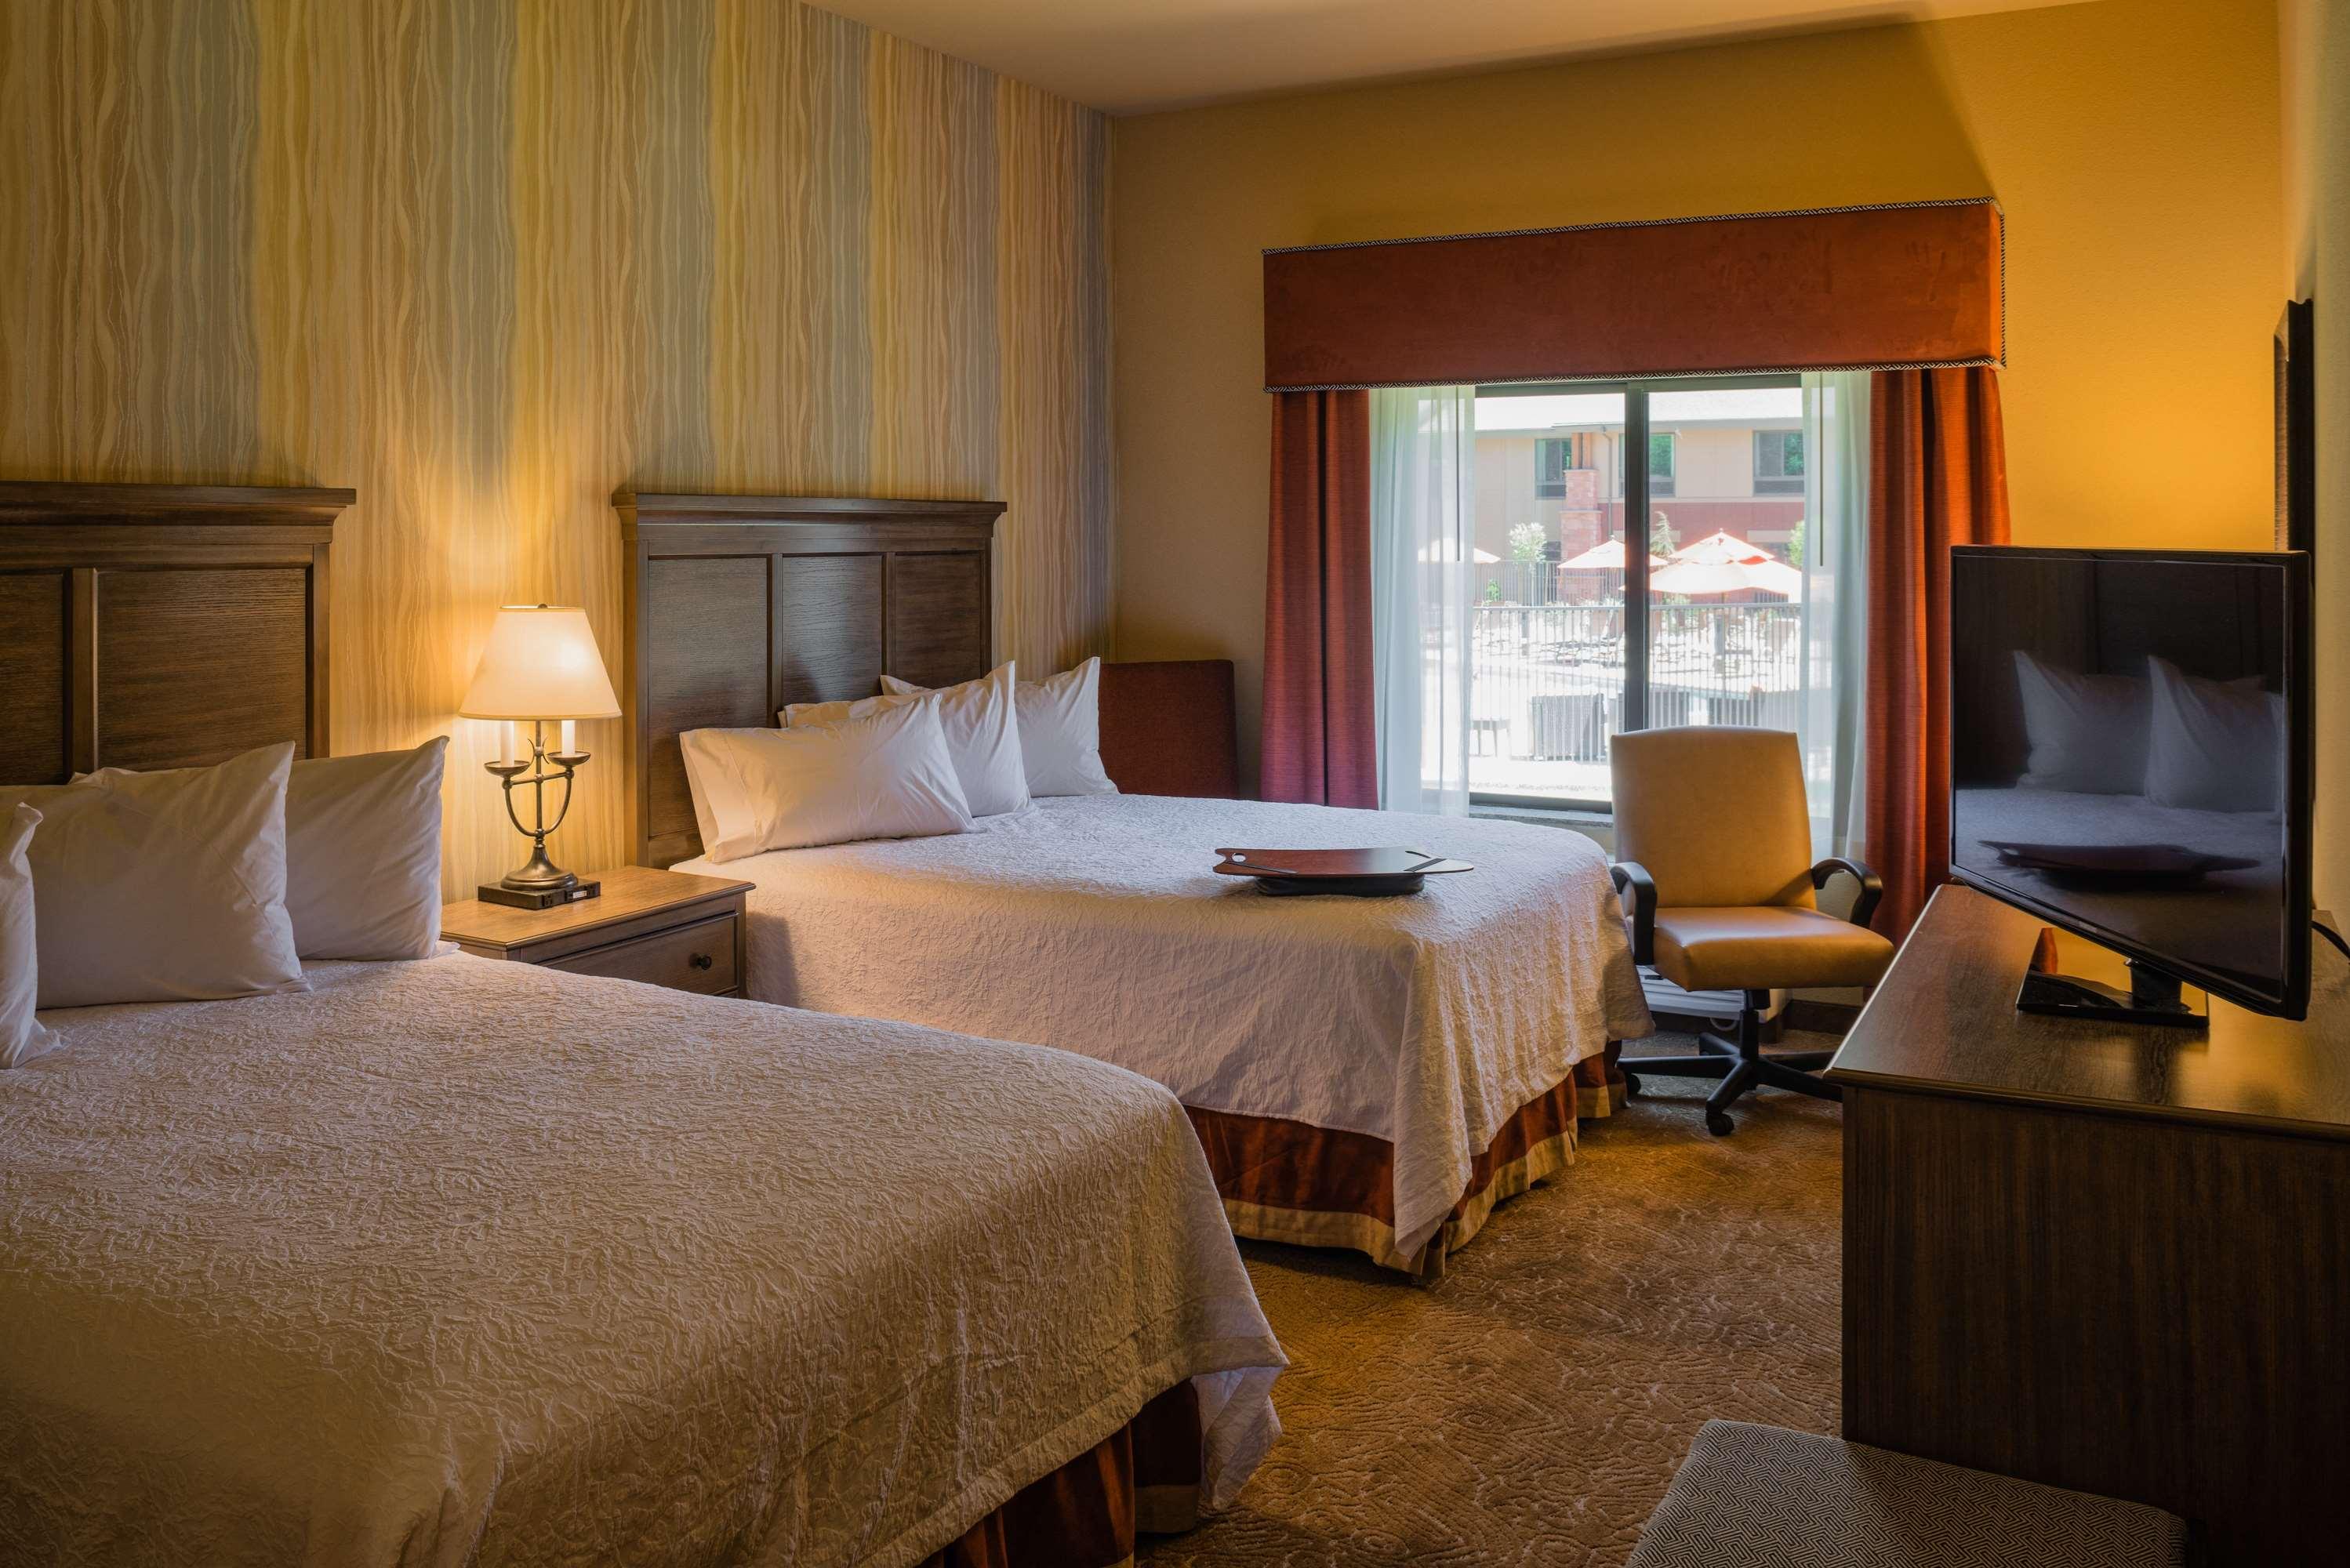 Hampton Inn & Suites Springdale/Zion National Park image 18